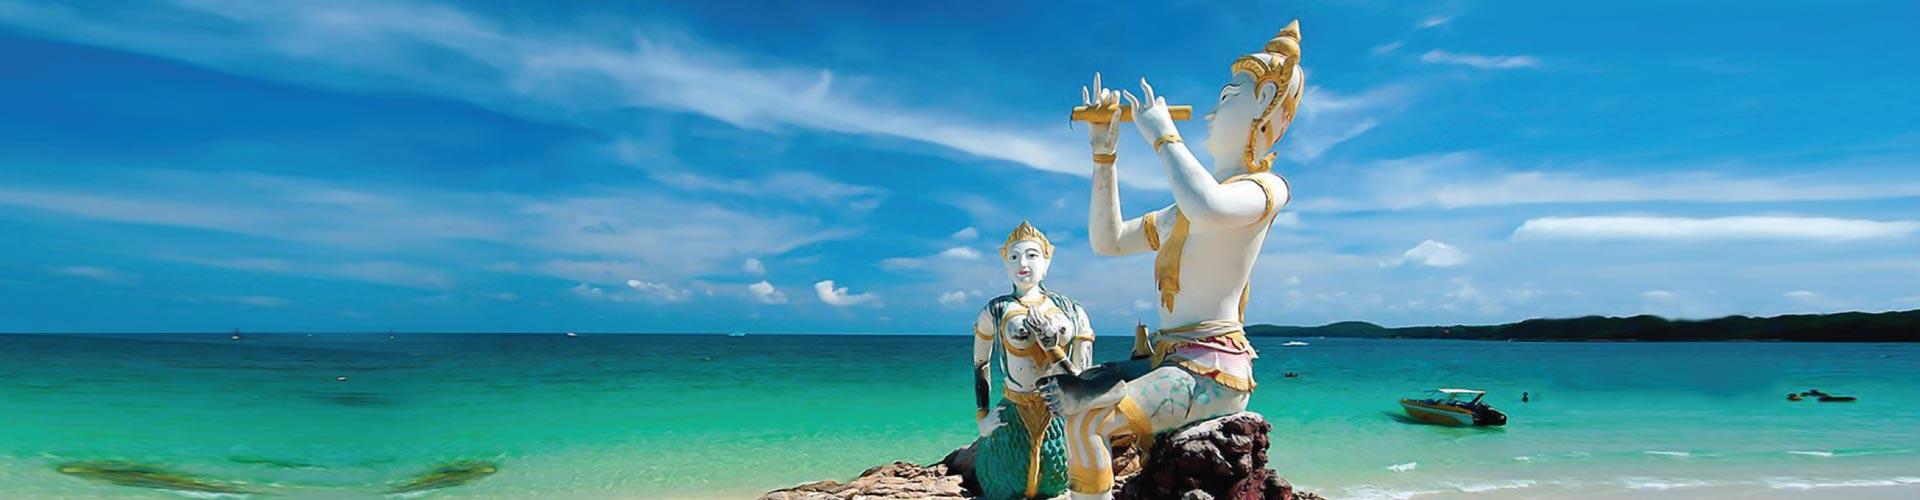 Pattaya, Koh Samet, Ko Samae San, Ko Sichang